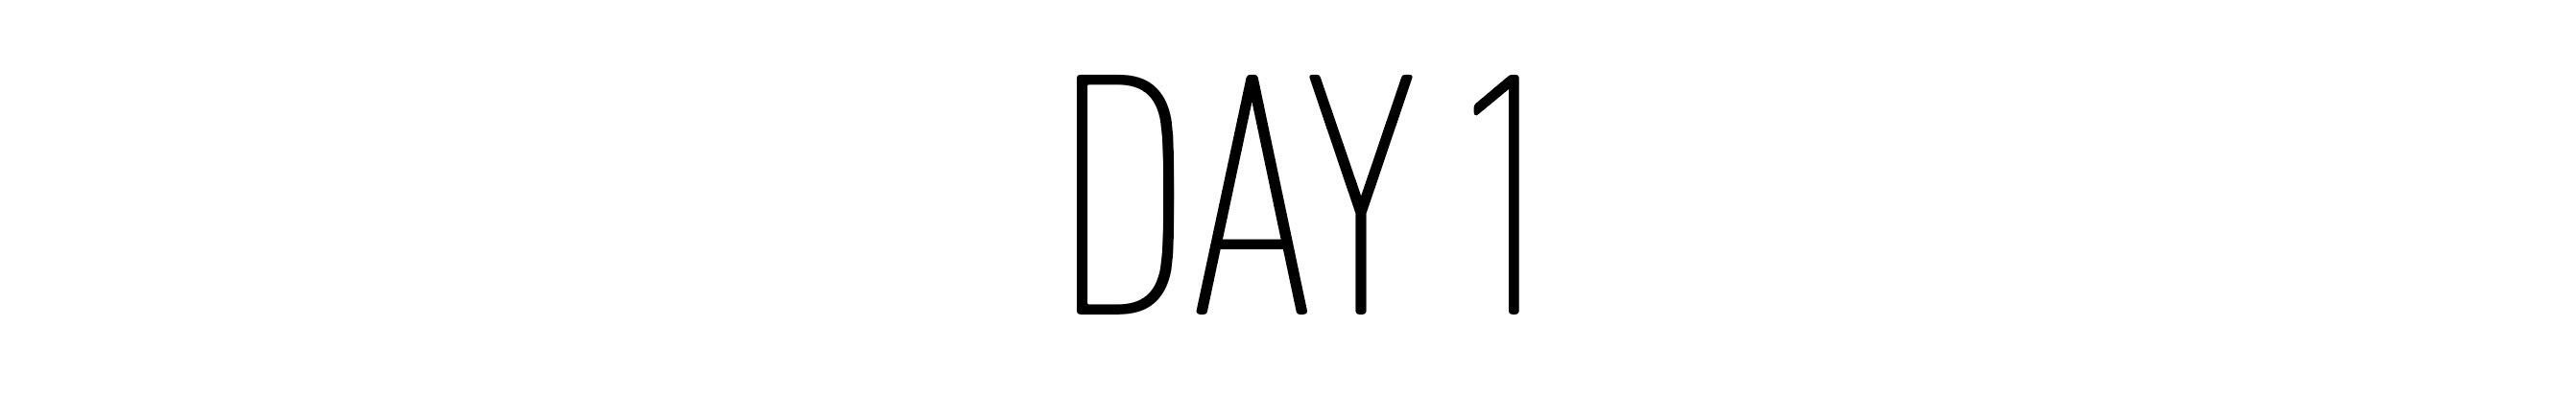 DAY1.tokyo